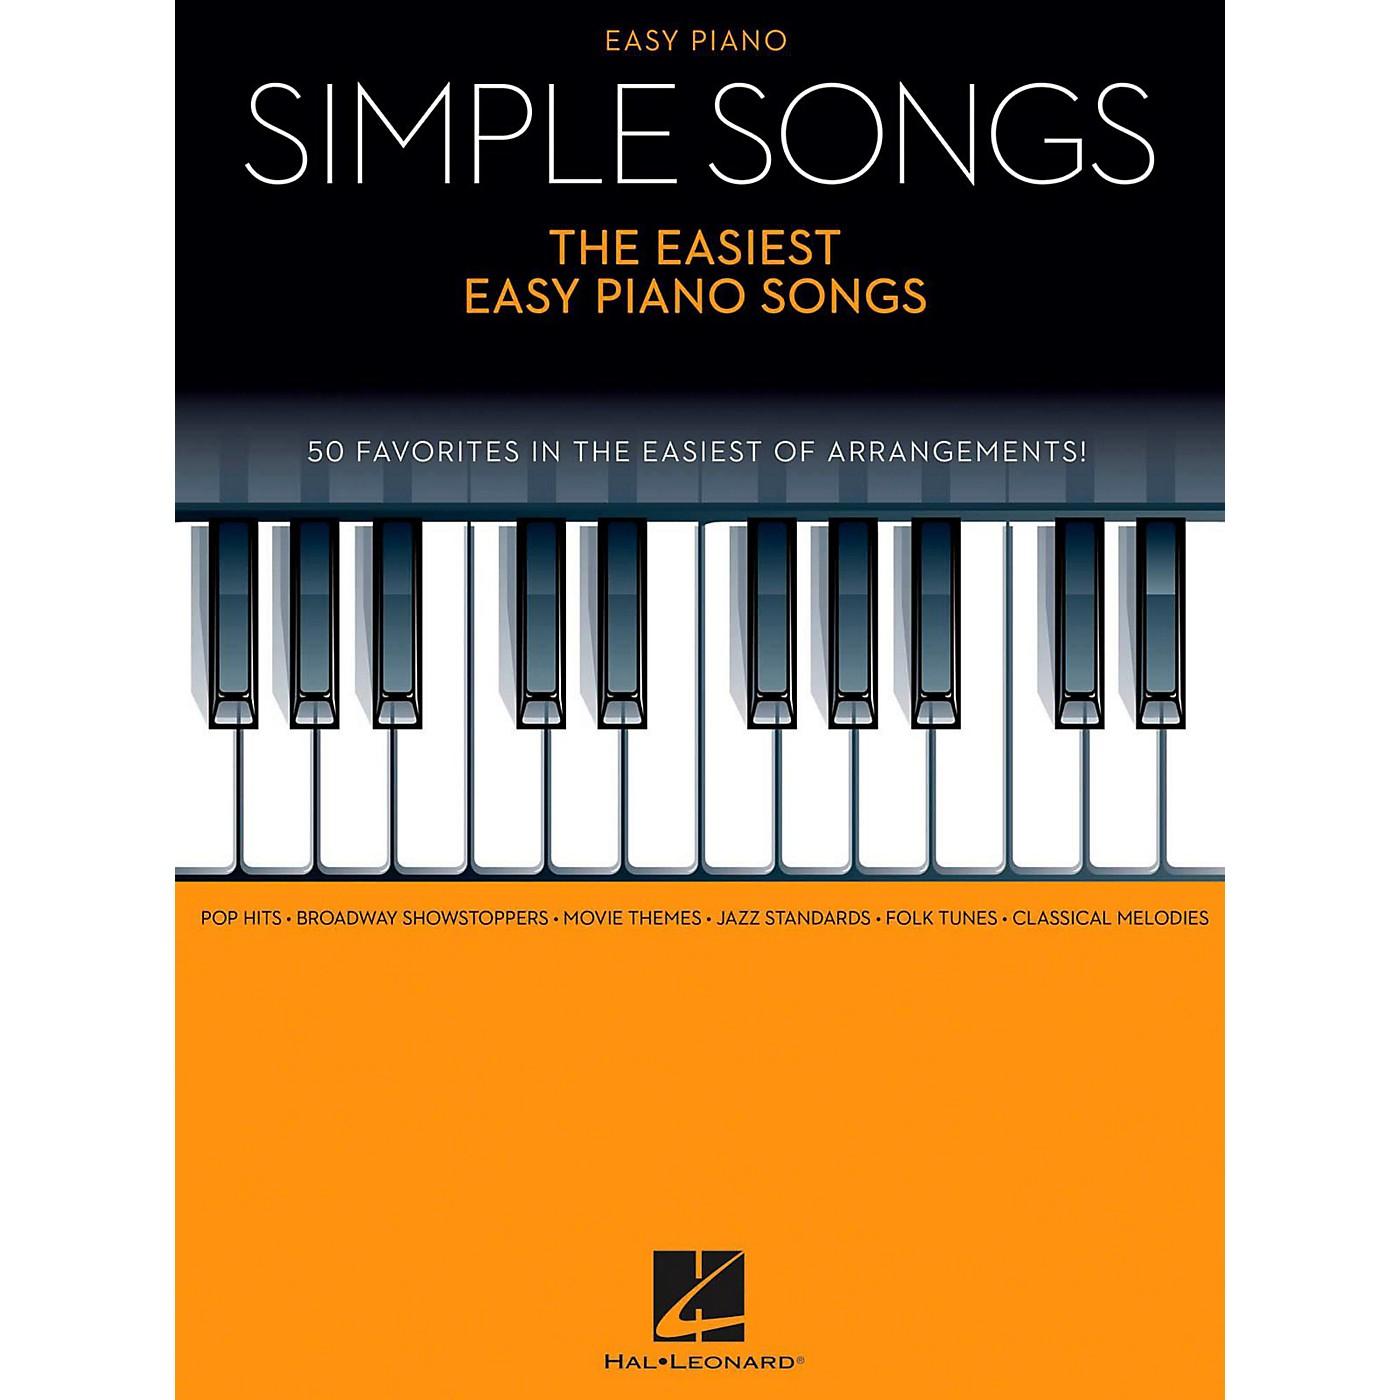 Hal Leonard Simple Songs - The Easiest Easy Piano Songs thumbnail